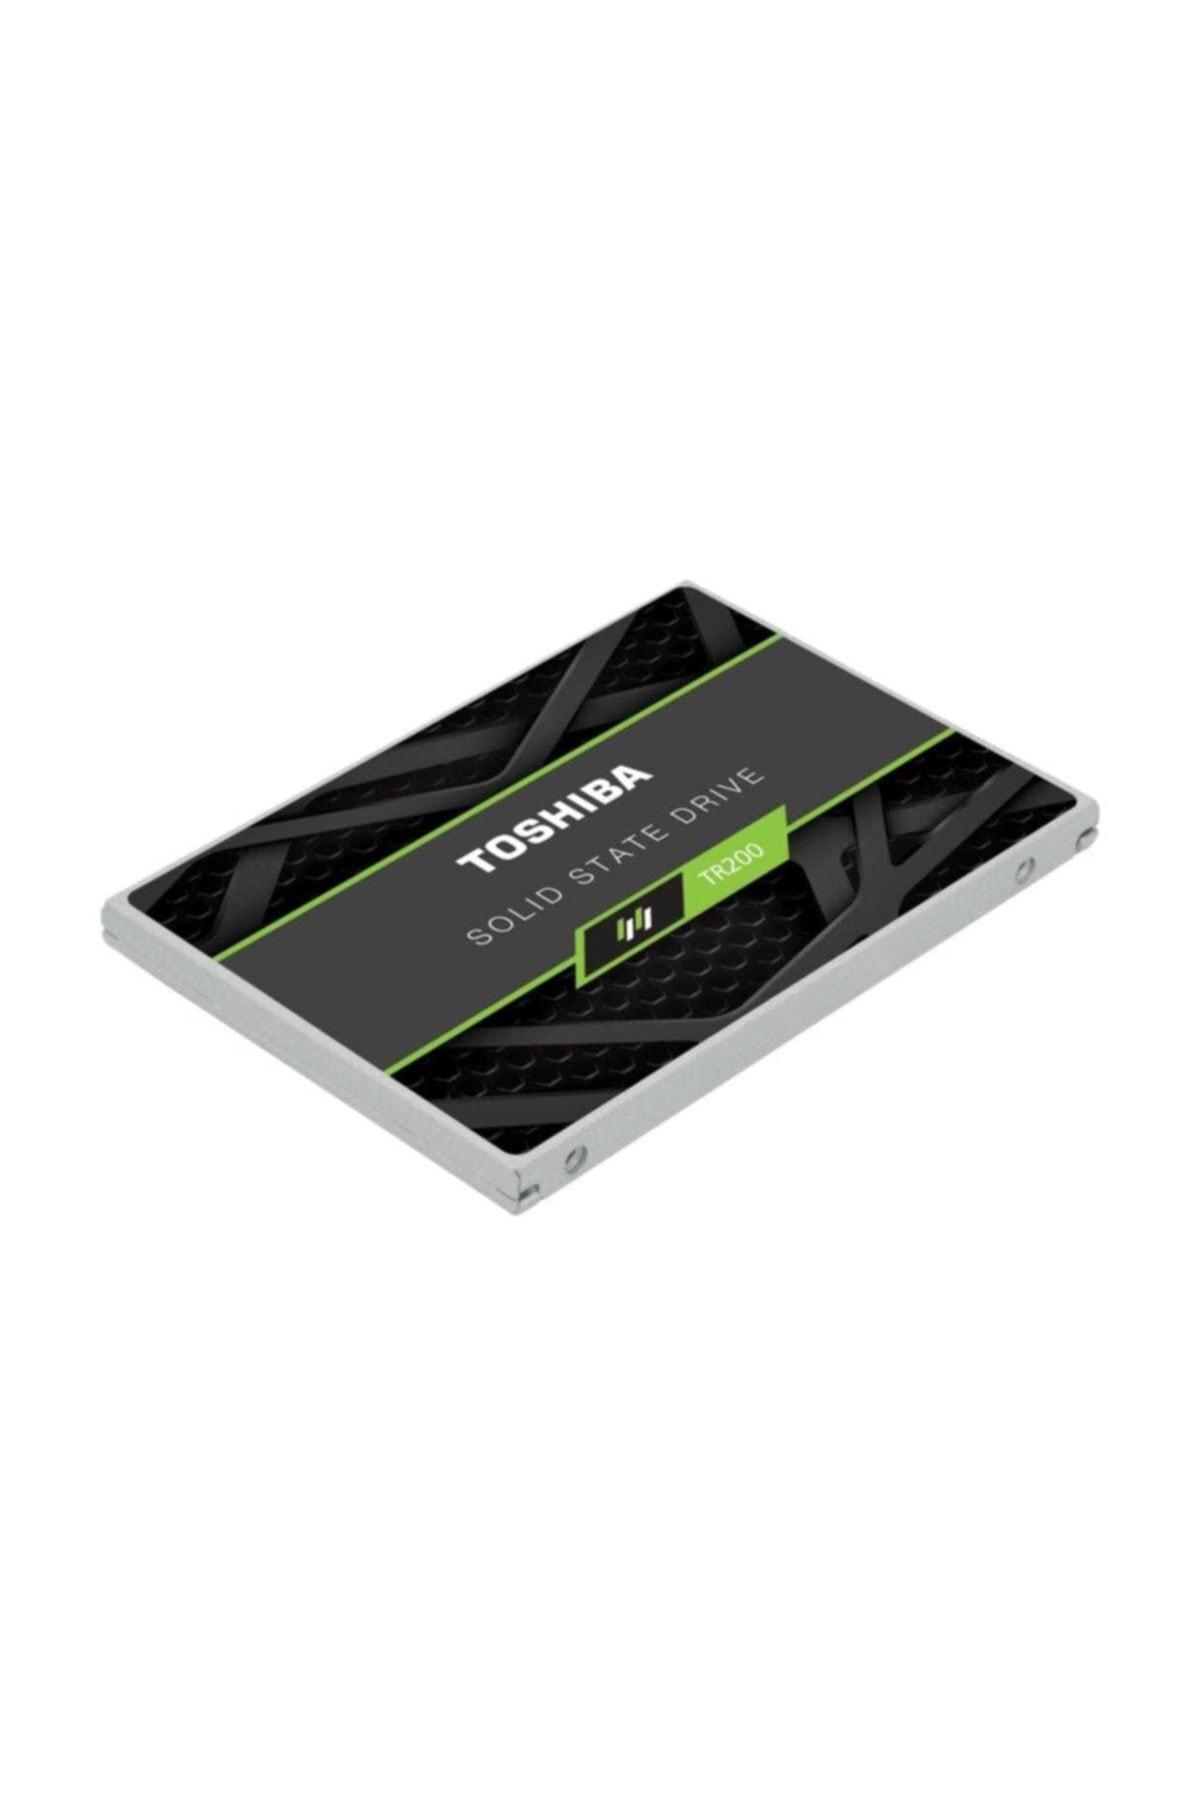 """Toshiba 480Gb Ocz 2.5"""" Tr200 555/540Mb/Sn Ssd Disk 1"""